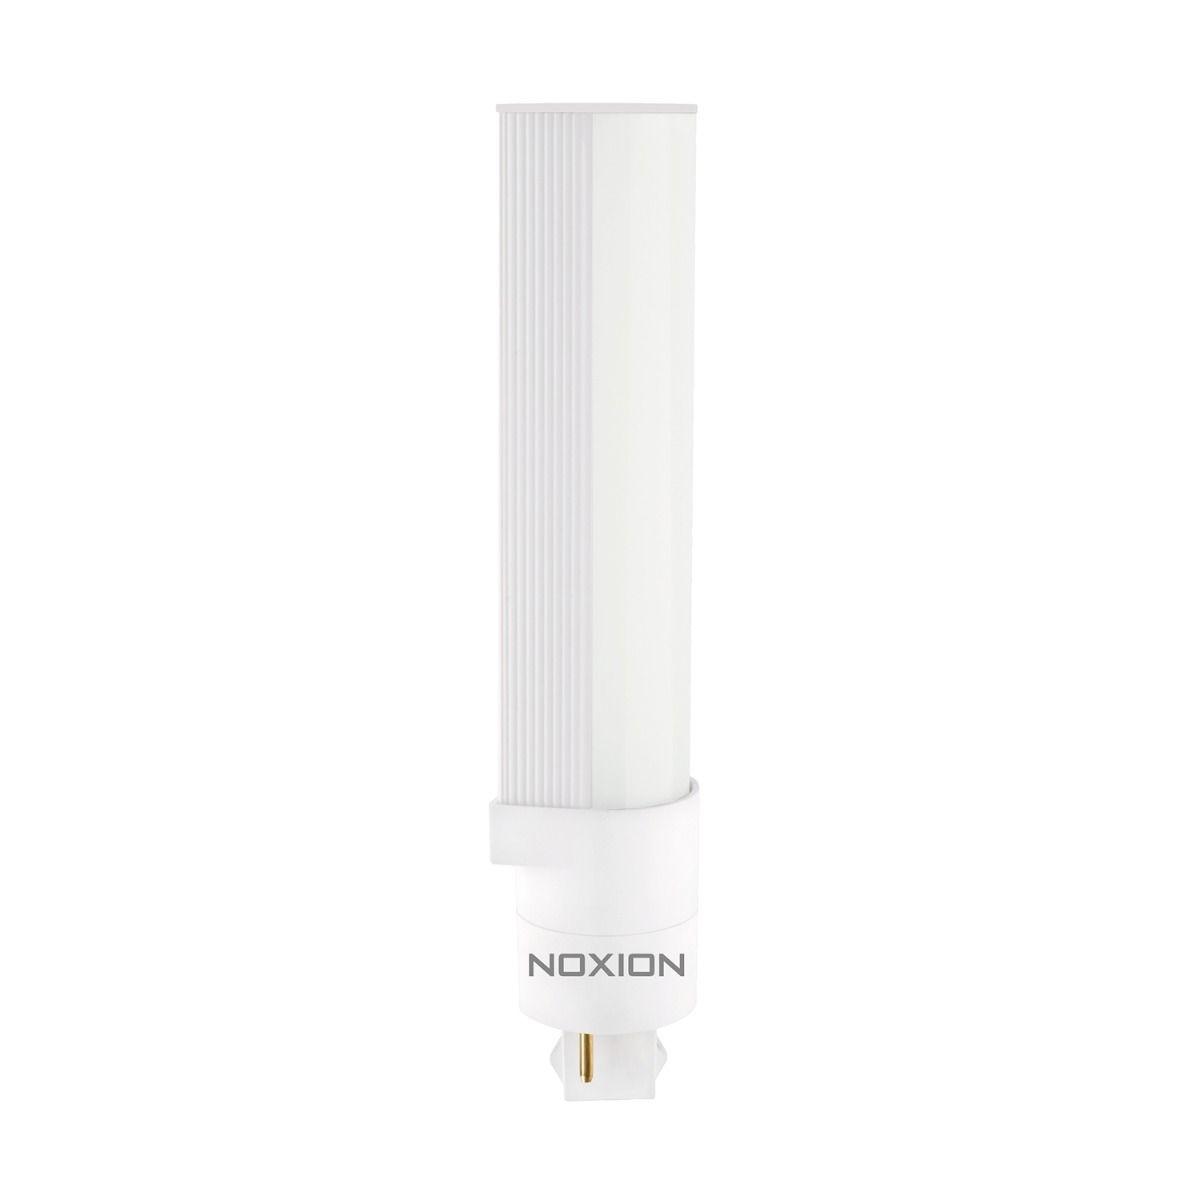 Noxion Lucent LED PL-C EM 6.5W 830 | 2-pins - Substitut 18W